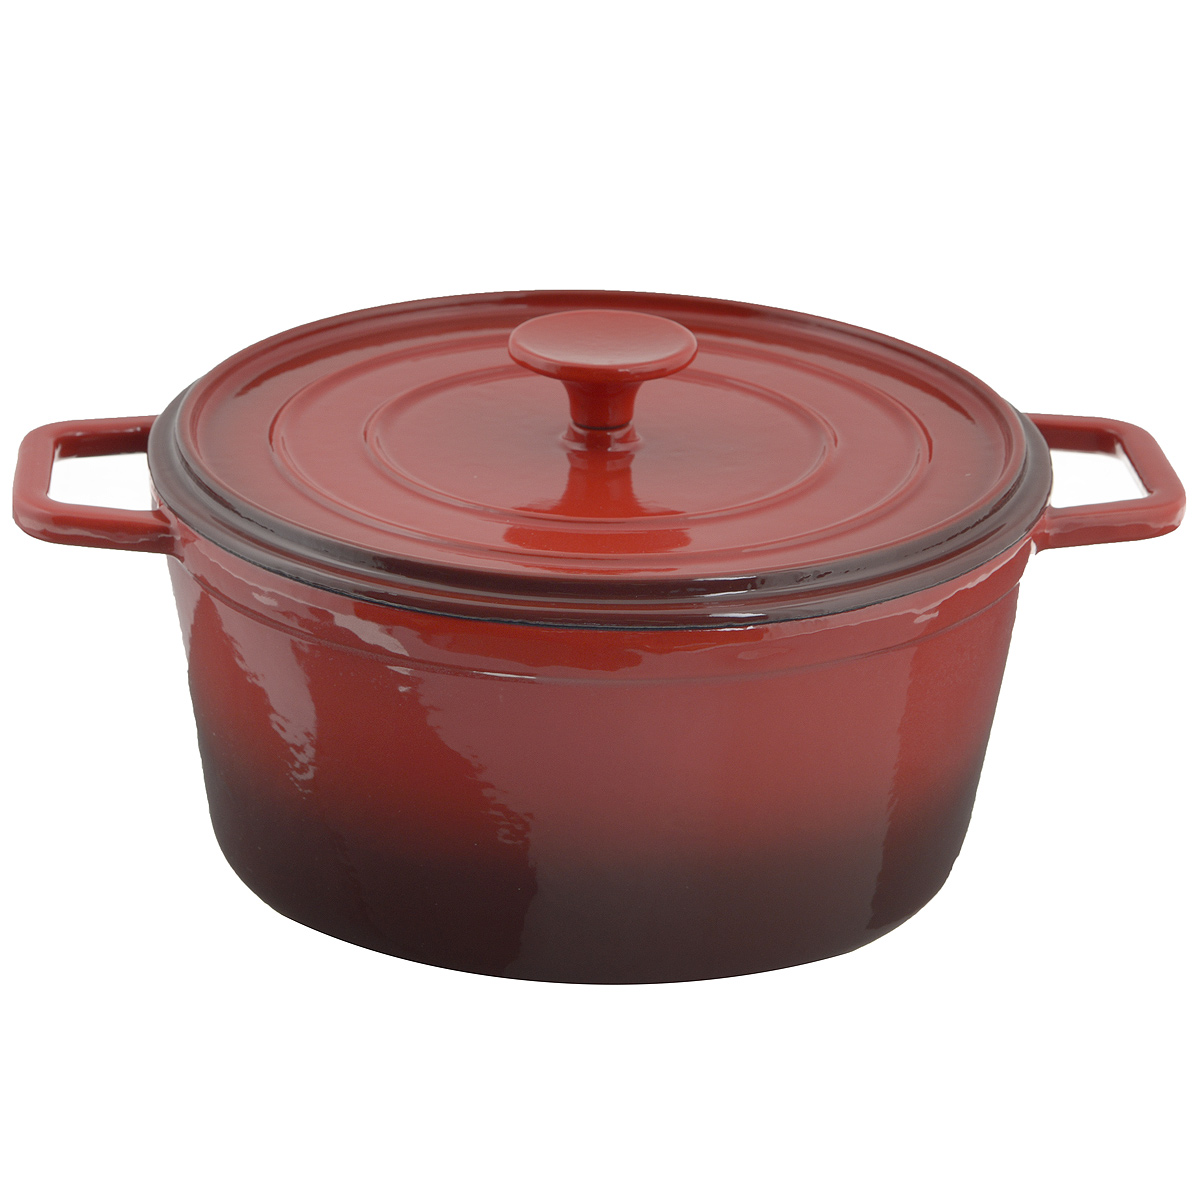 Кастрюля Mayer & Boch с крышкой, с эмалевым покрытием, 4,2 л22050Кастрюля Mayer & Boch, изготовленная из чугуна, идеально подходит для приготовления вкусных тушеных блюд. Она имеет внутреннее стекловидное эмалевое покрытие. Чугун является традиционным высокопрочным, экологически чистым материалом. Причем, чем дольше и чаще вы пользуетесь этой посудой, тем лучше становятся ее свойства. Высокая теплоемкость чугуна позволяет ему сильно нагреваться и медленно остывать, а это в свою очередь обеспечивает равномерное приготовление пищи. Чугун не вступает в какие-либо химические реакции с пищей в процессе приготовления и хранения, а плотное покрытие - безупречное препятствие для бактерий и запахов. Пища, приготовленная в чугунной посуде, благодаря экологической чистоте материала не может нанести вред здоровью человека. Кастрюля оснащена двумя удобными ручками. Крышка изготовлена из чугуна. Она плотно прилегает к краю казана, сохраняя аромат блюд. Можно использовать в духовом шкафу. Нельзя мыть в посудомоечной машине. Высота стенки: 11 см. Толщина стенки: 4 мм. Толщина дна: 5 мм. Ширина кастрюли (с учетом ручек): 36,5 см.Размер кастрюли (без учета ручек): 29 см х 22,5 см х 11 см.